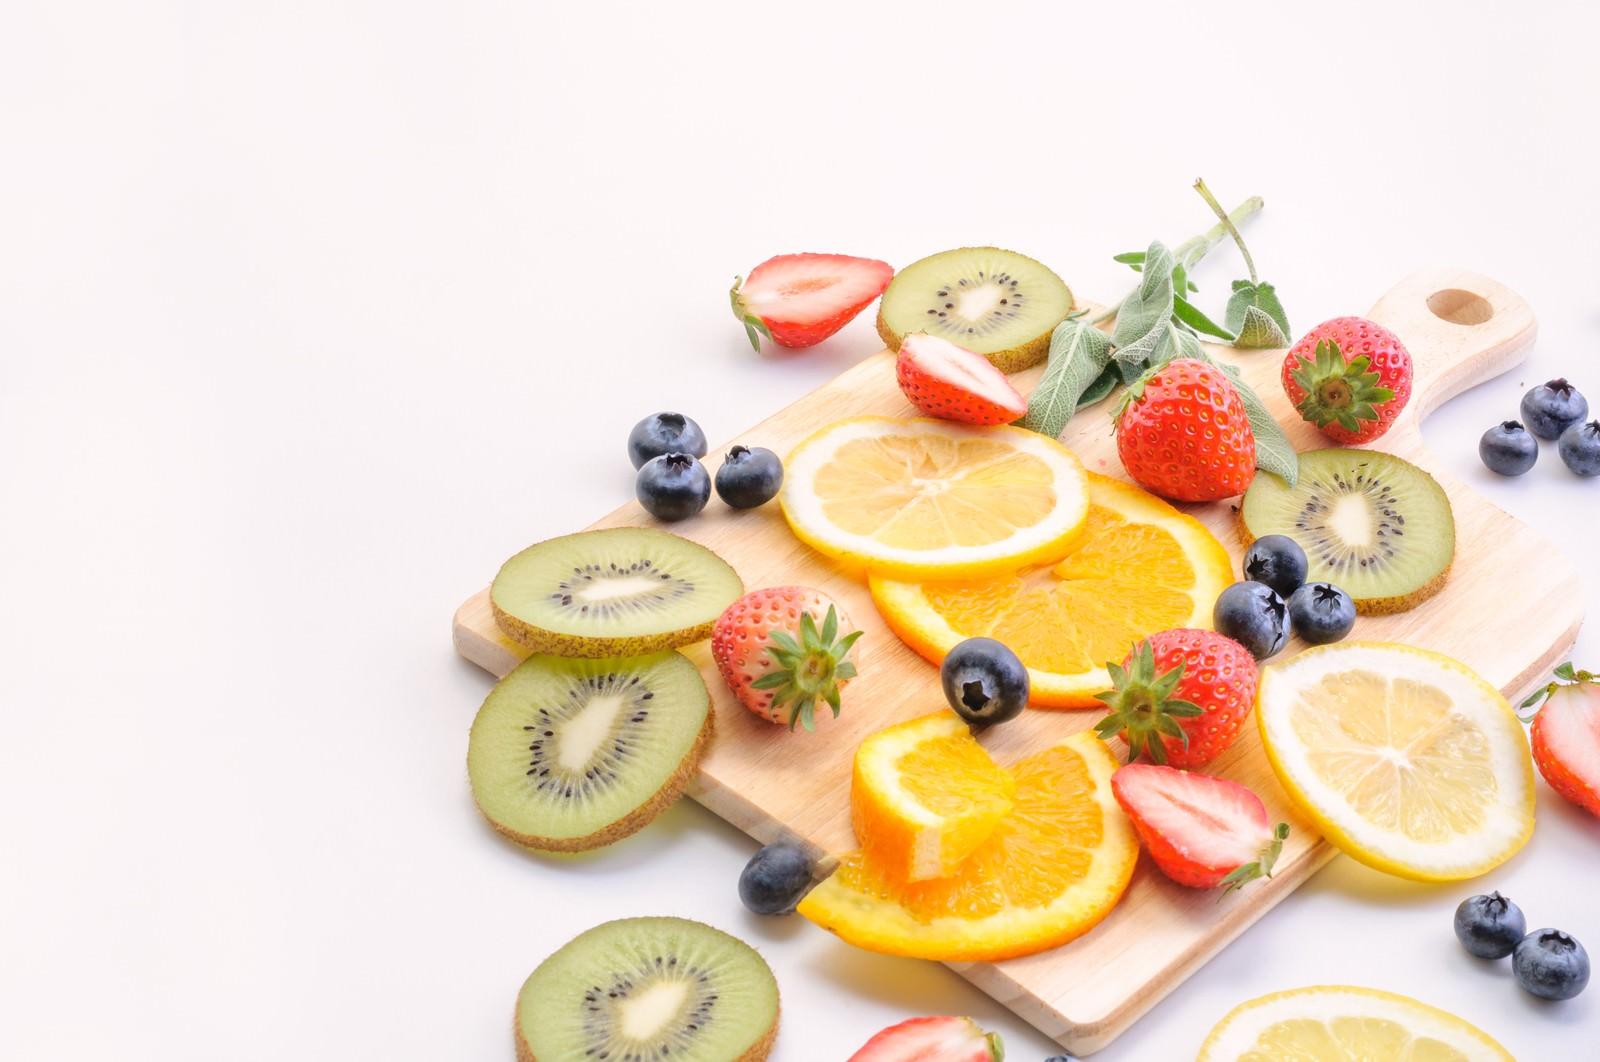 「美味しいフルーツ(マット)美味しいフルーツ(マット)」のフリー写真素材を拡大